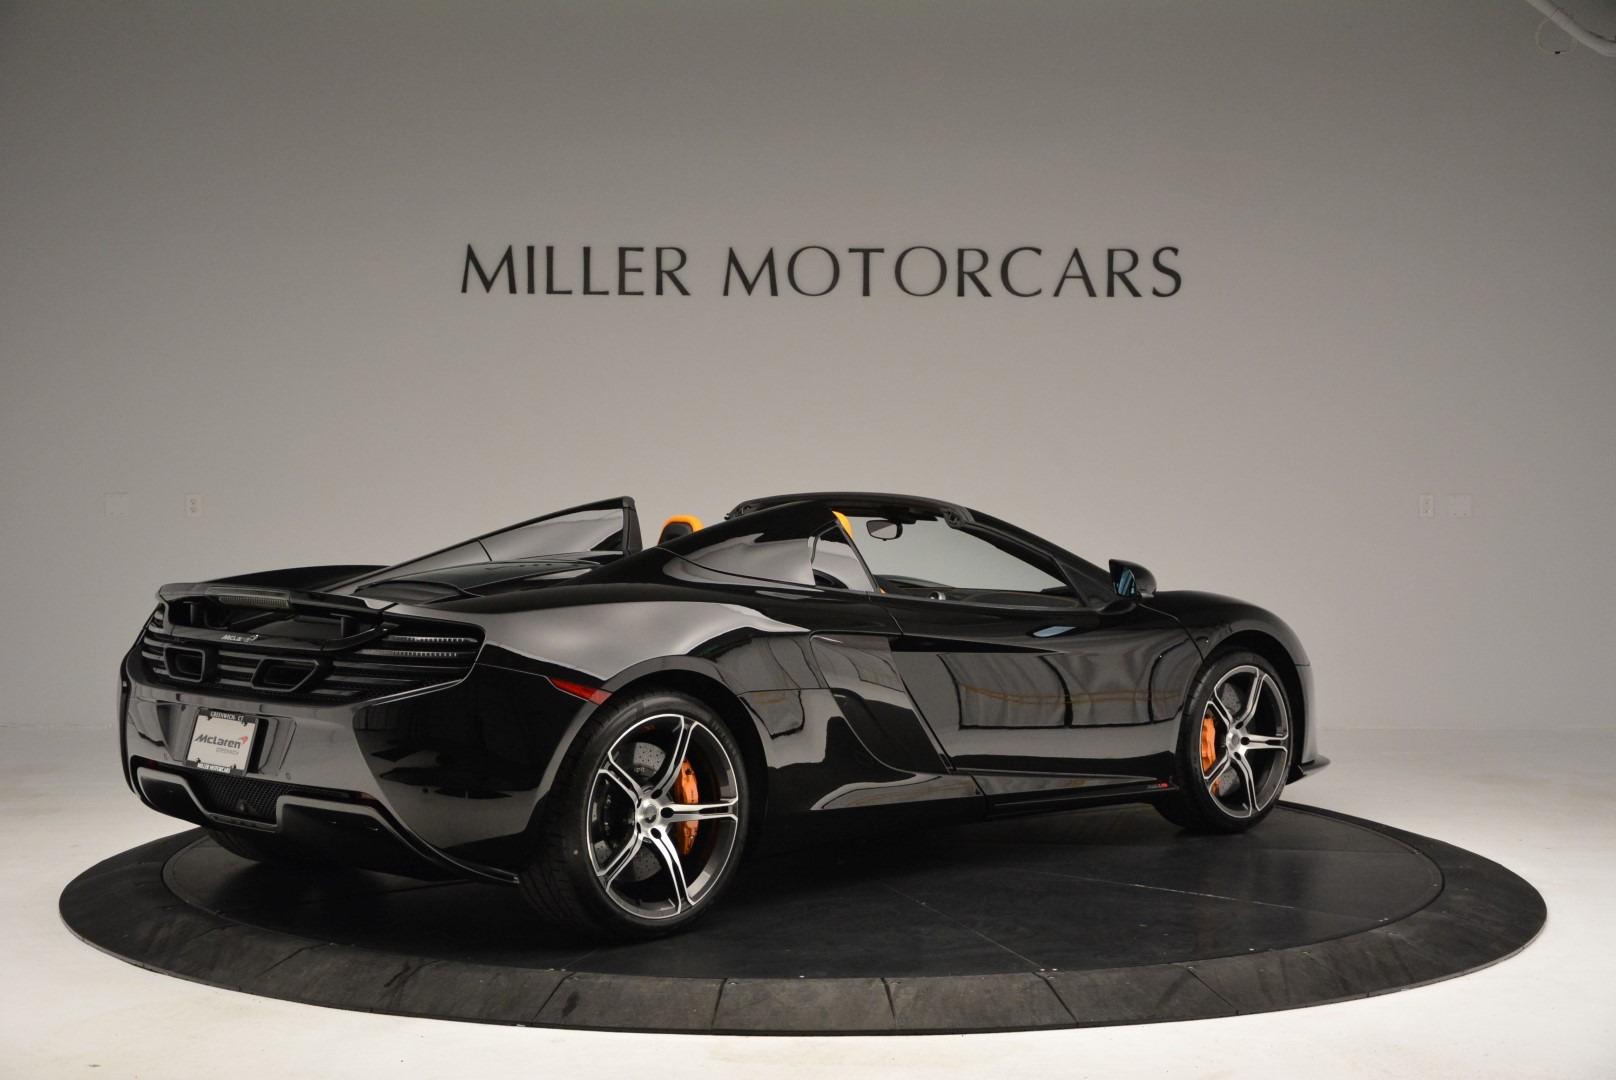 Used 2015 McLaren 650S Spider For Sale In Westport, CT 2089_p8